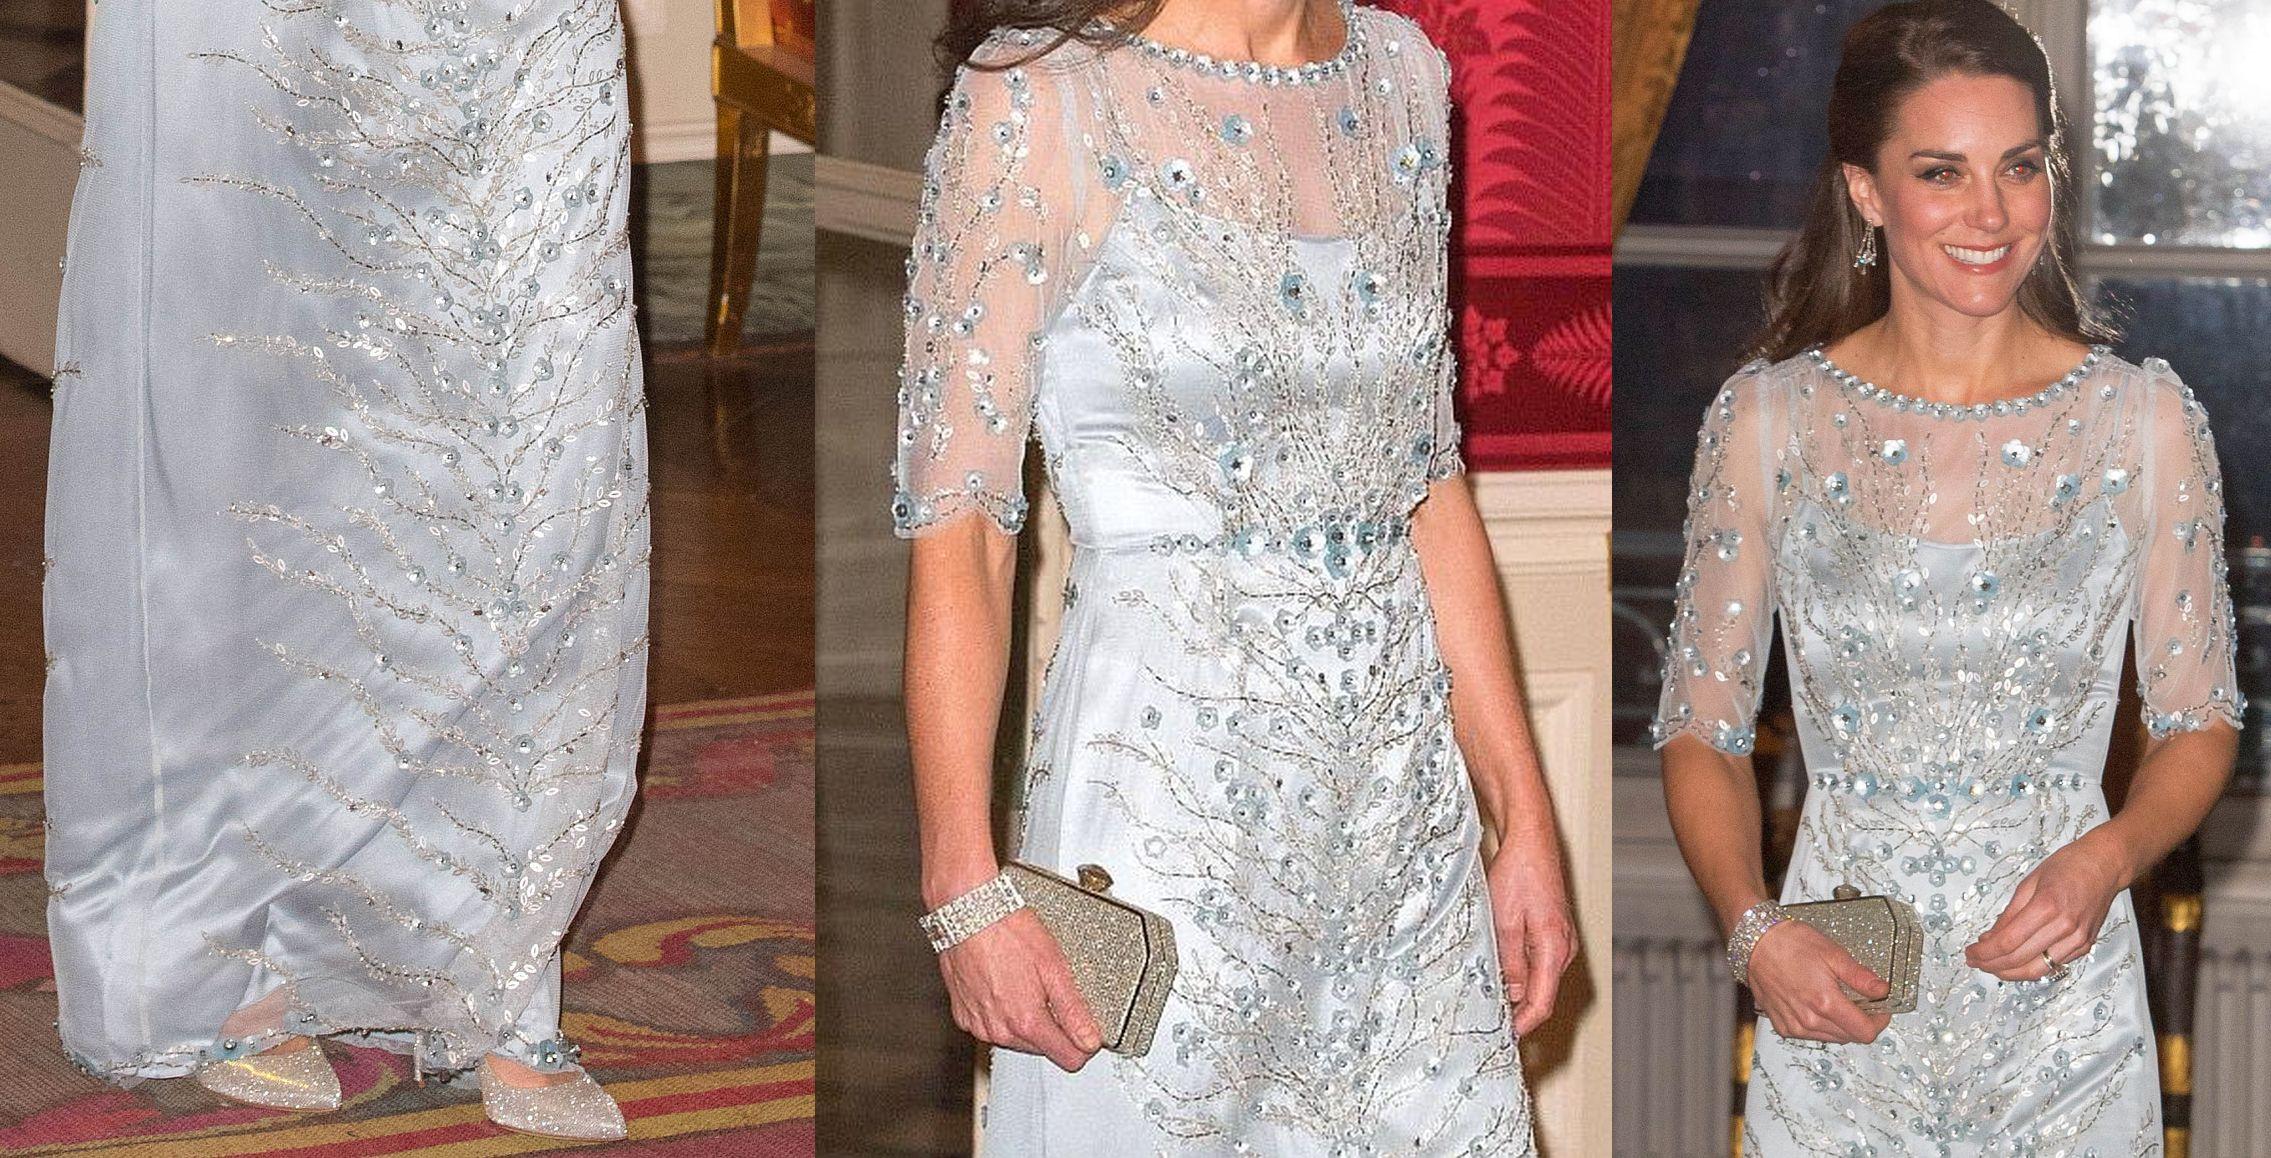 Херцогиня Катрин е досущ като принцесата от приказките